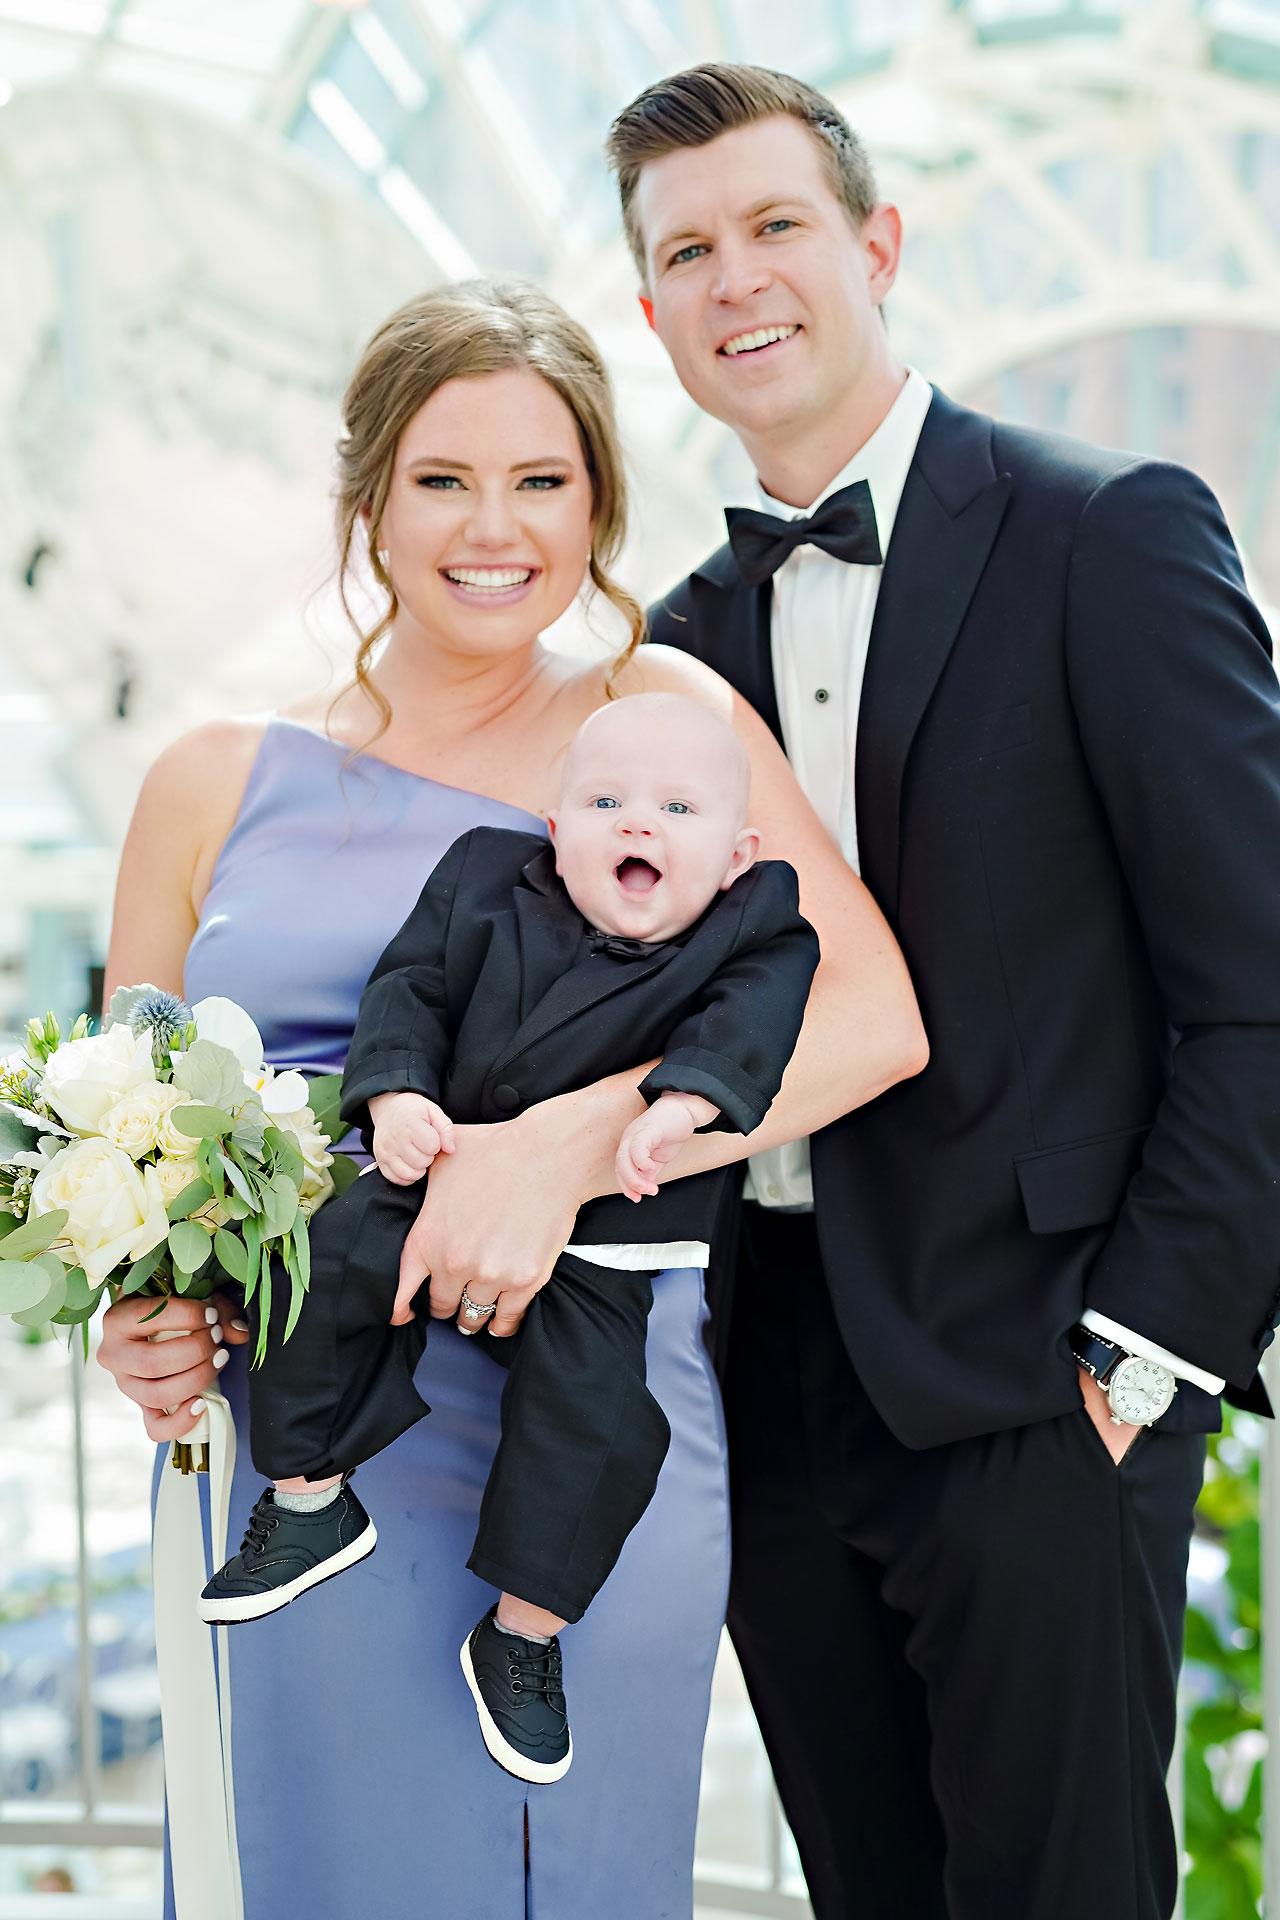 Liz Zach Conrad Artsgarden Indianapolis Wedding 178